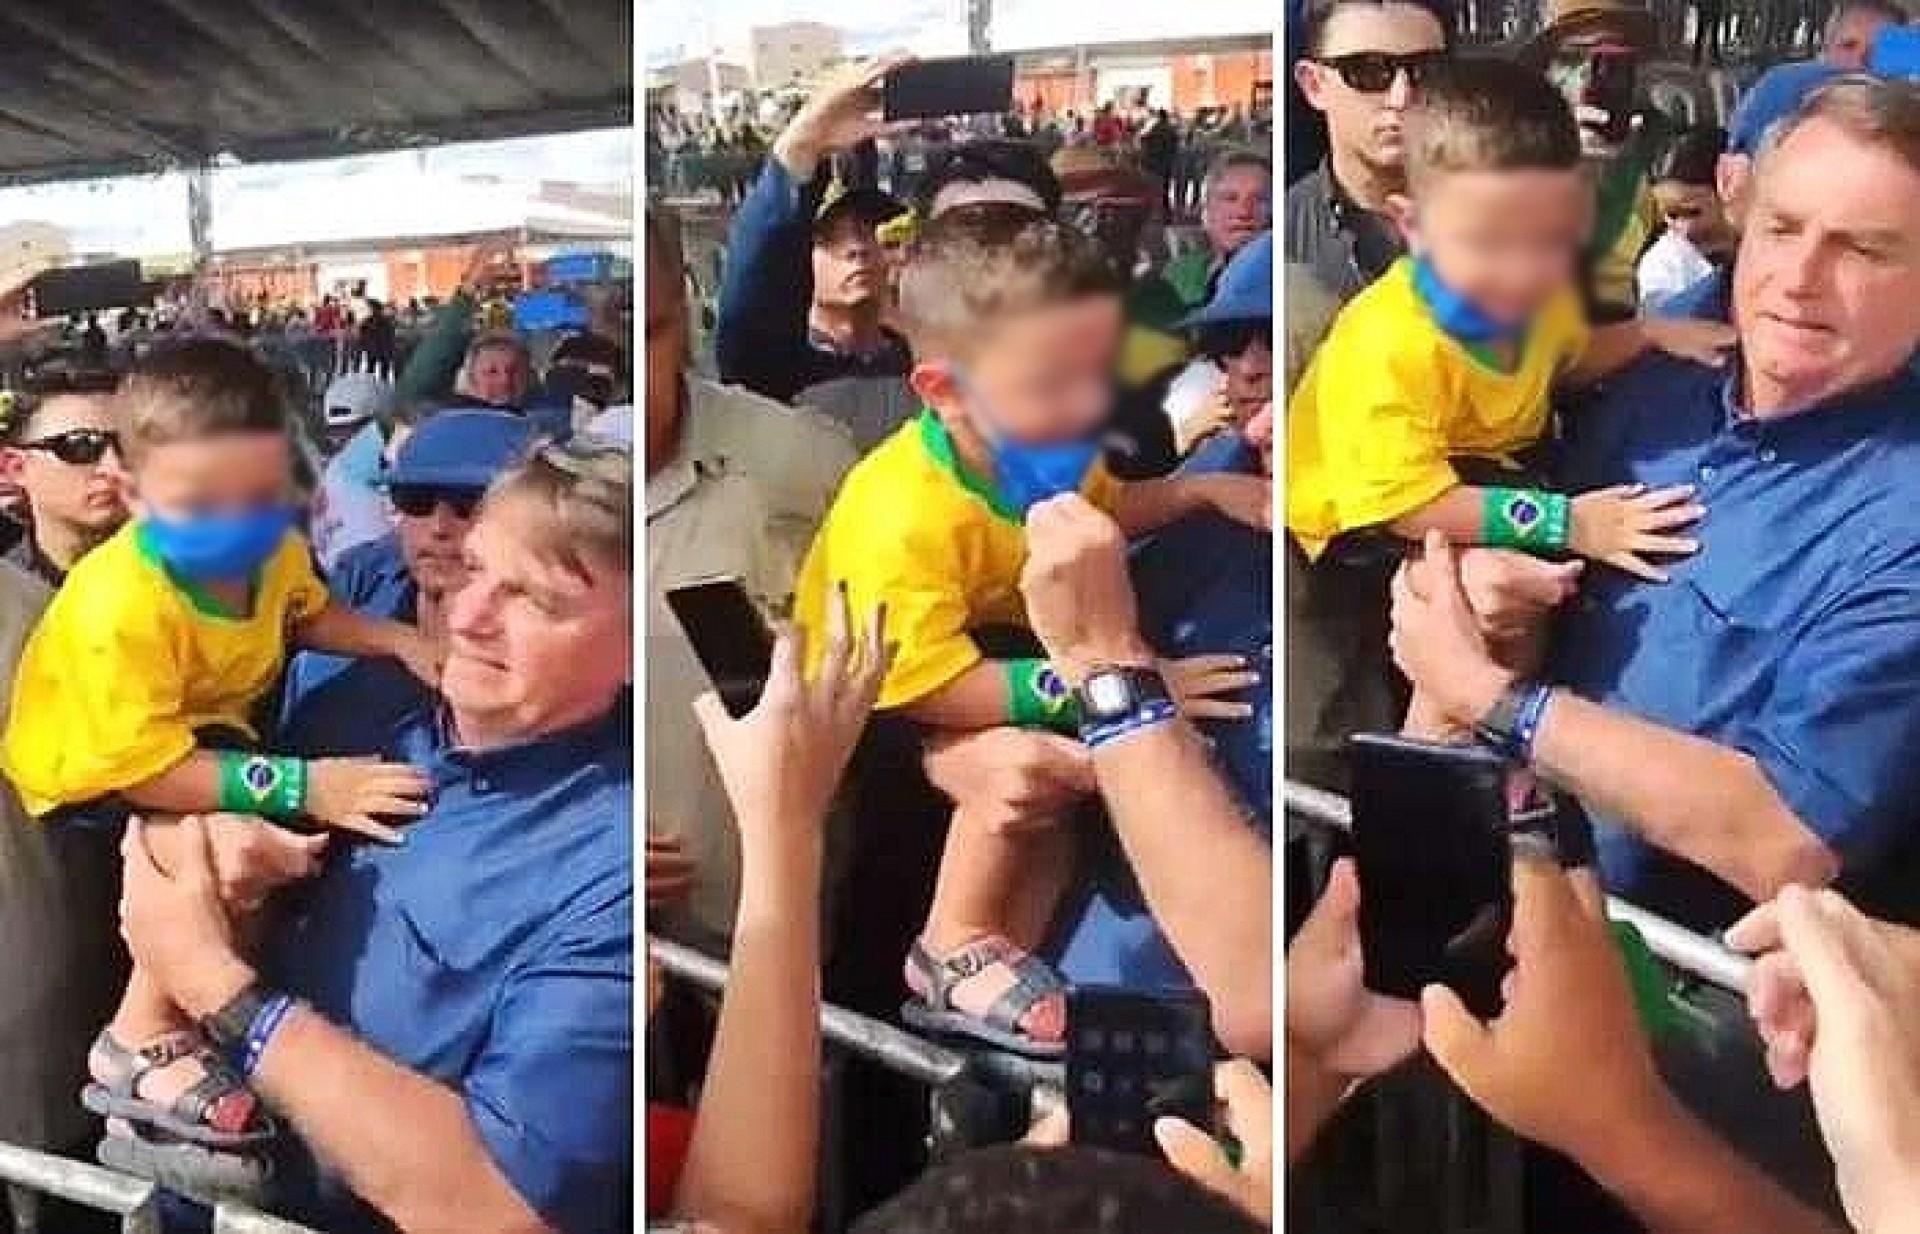 Em evento no Rio Grande do Norte, presidente Bolsonaro retira máscara de criança (Foto: Reprodução/redes sociais)